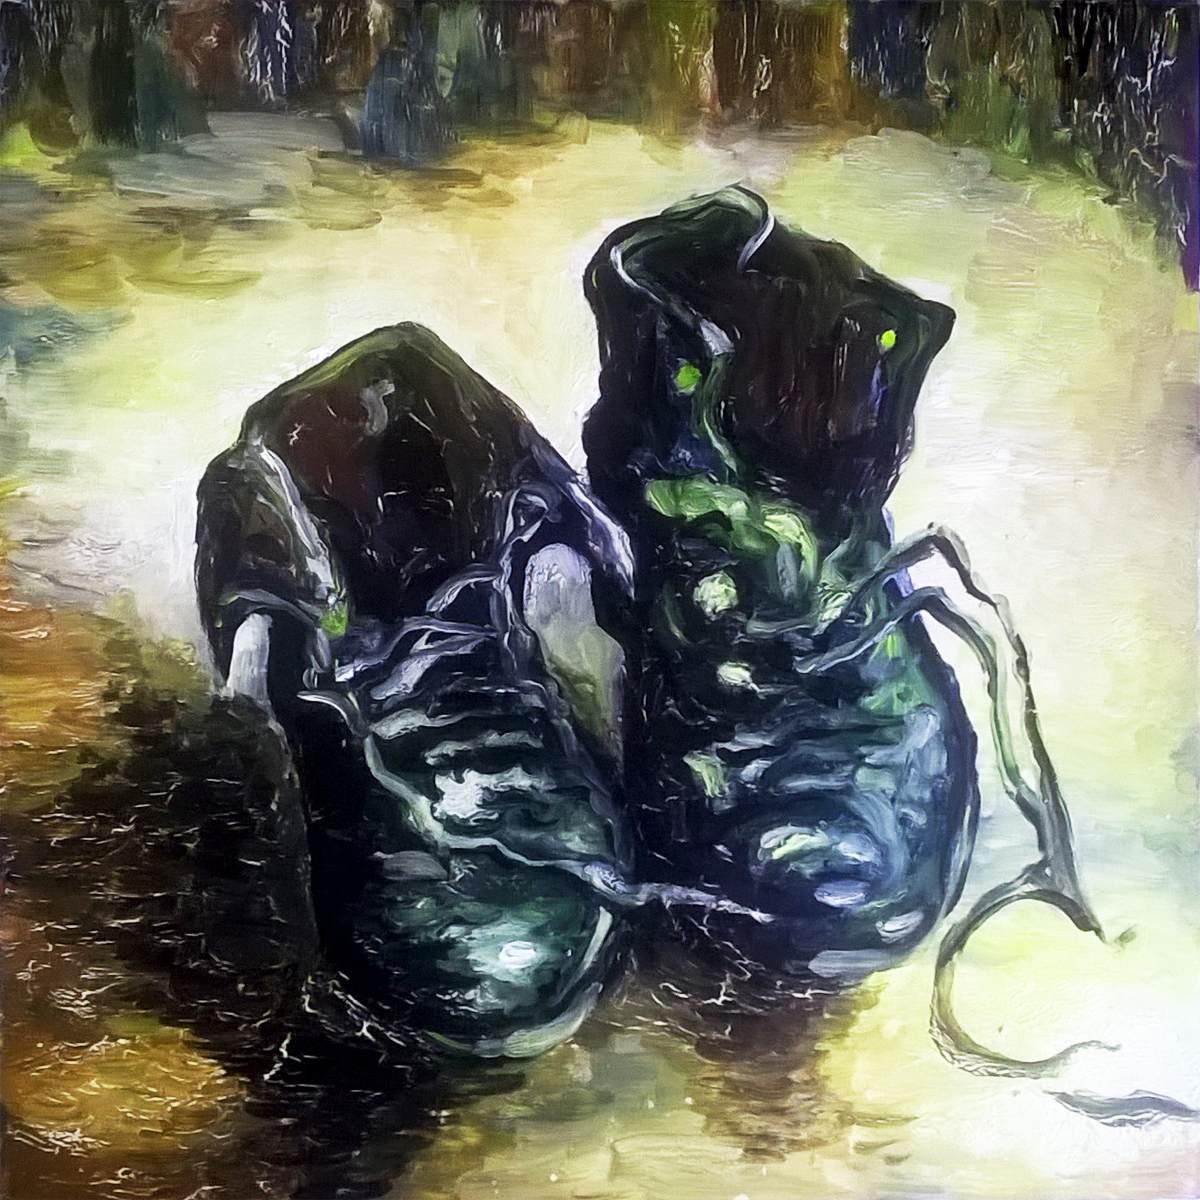 400 De Mercado 2010 Zapatos Libre En Pintura 00 Van Gogh S 5azBxxYqw